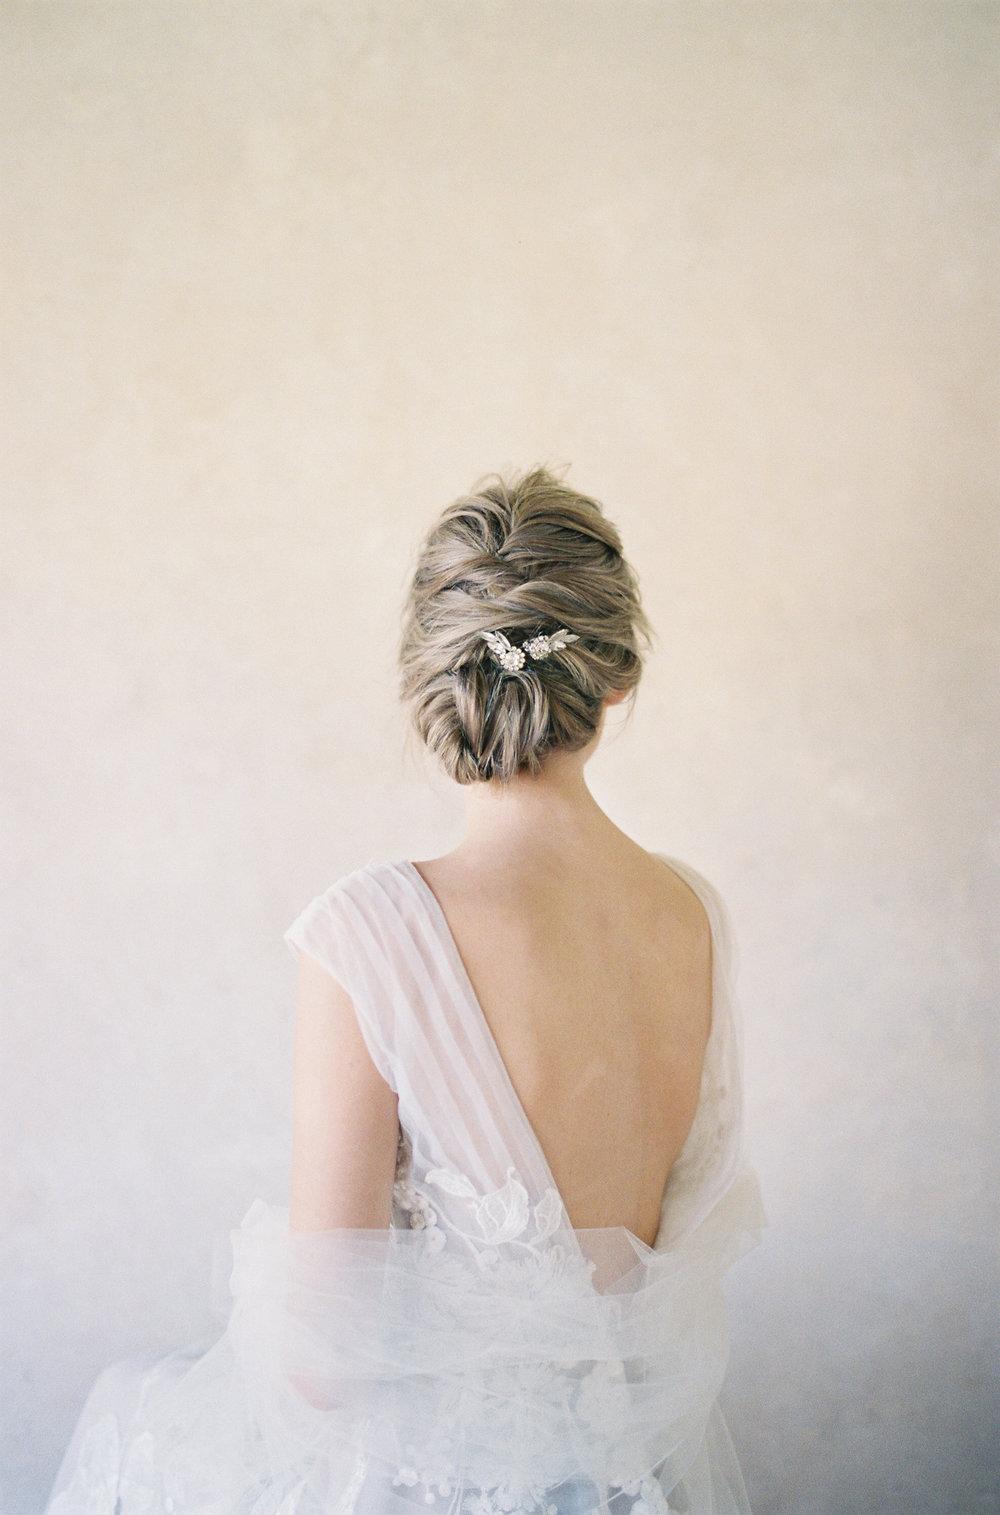 Bridal-Hollywood-21-Jen_Huang-032491-R1-014.jpg